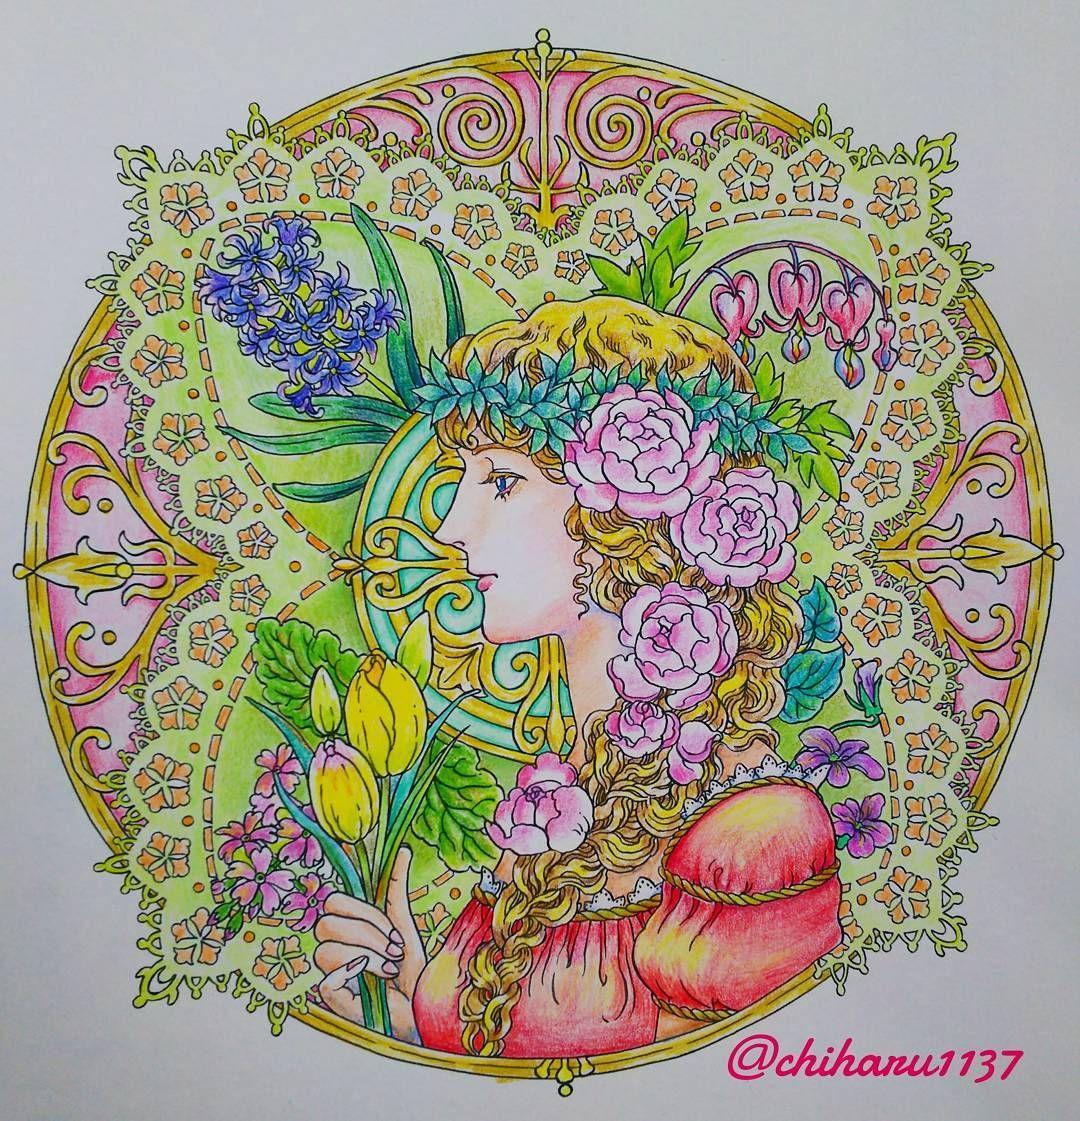 マンダラコロリアージュ より春の女神 表紙にもなっている